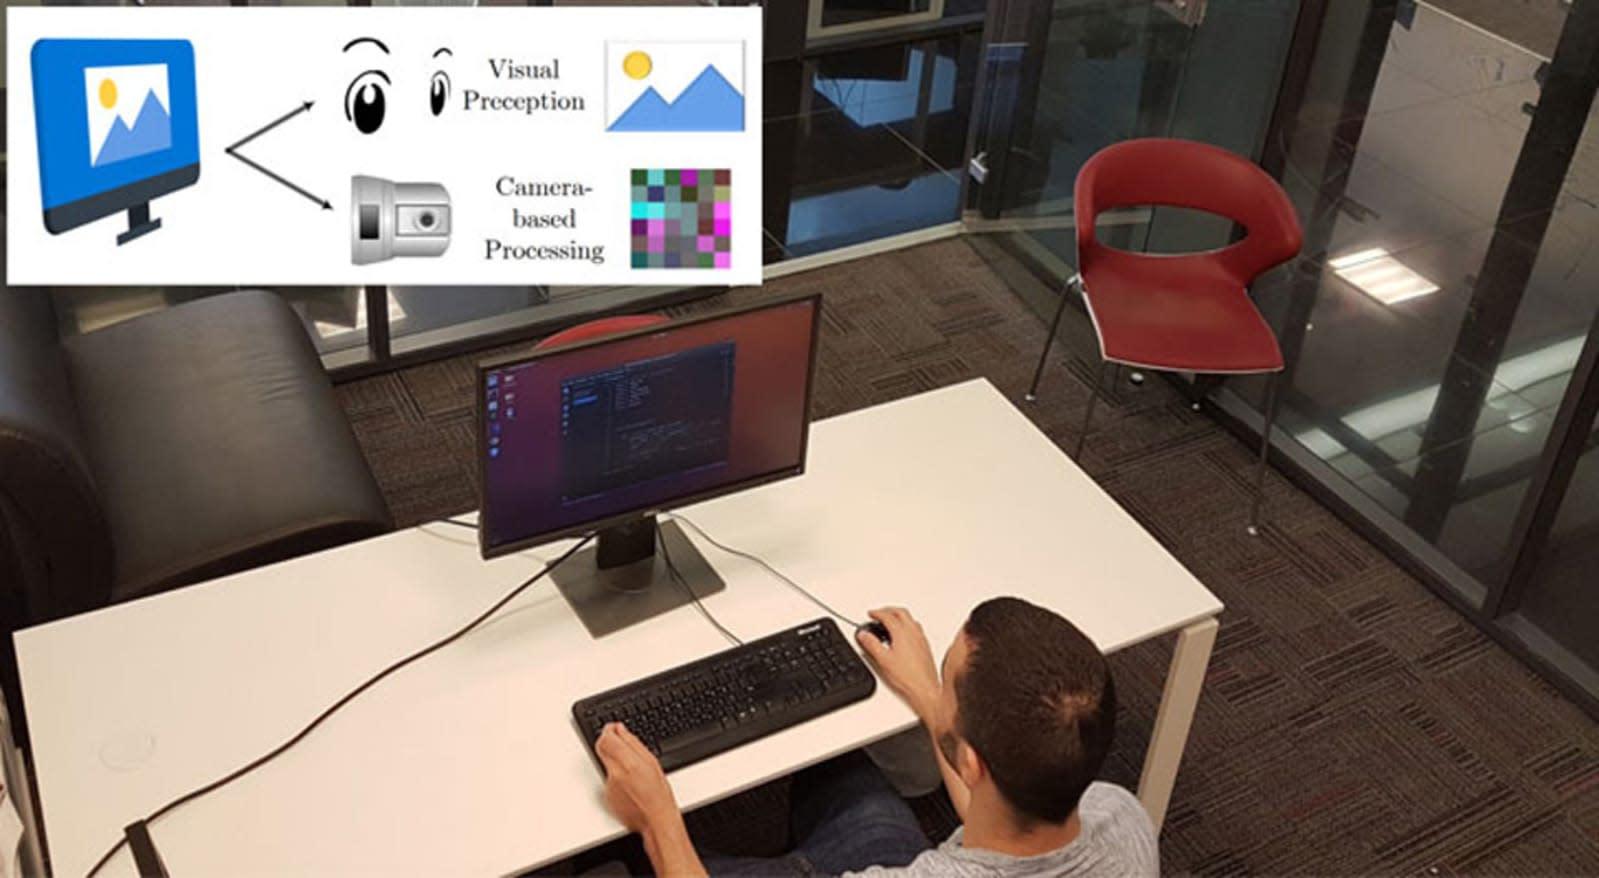 科技風險|以色列研究發現,電腦螢幕亮度也能用作盜取數據